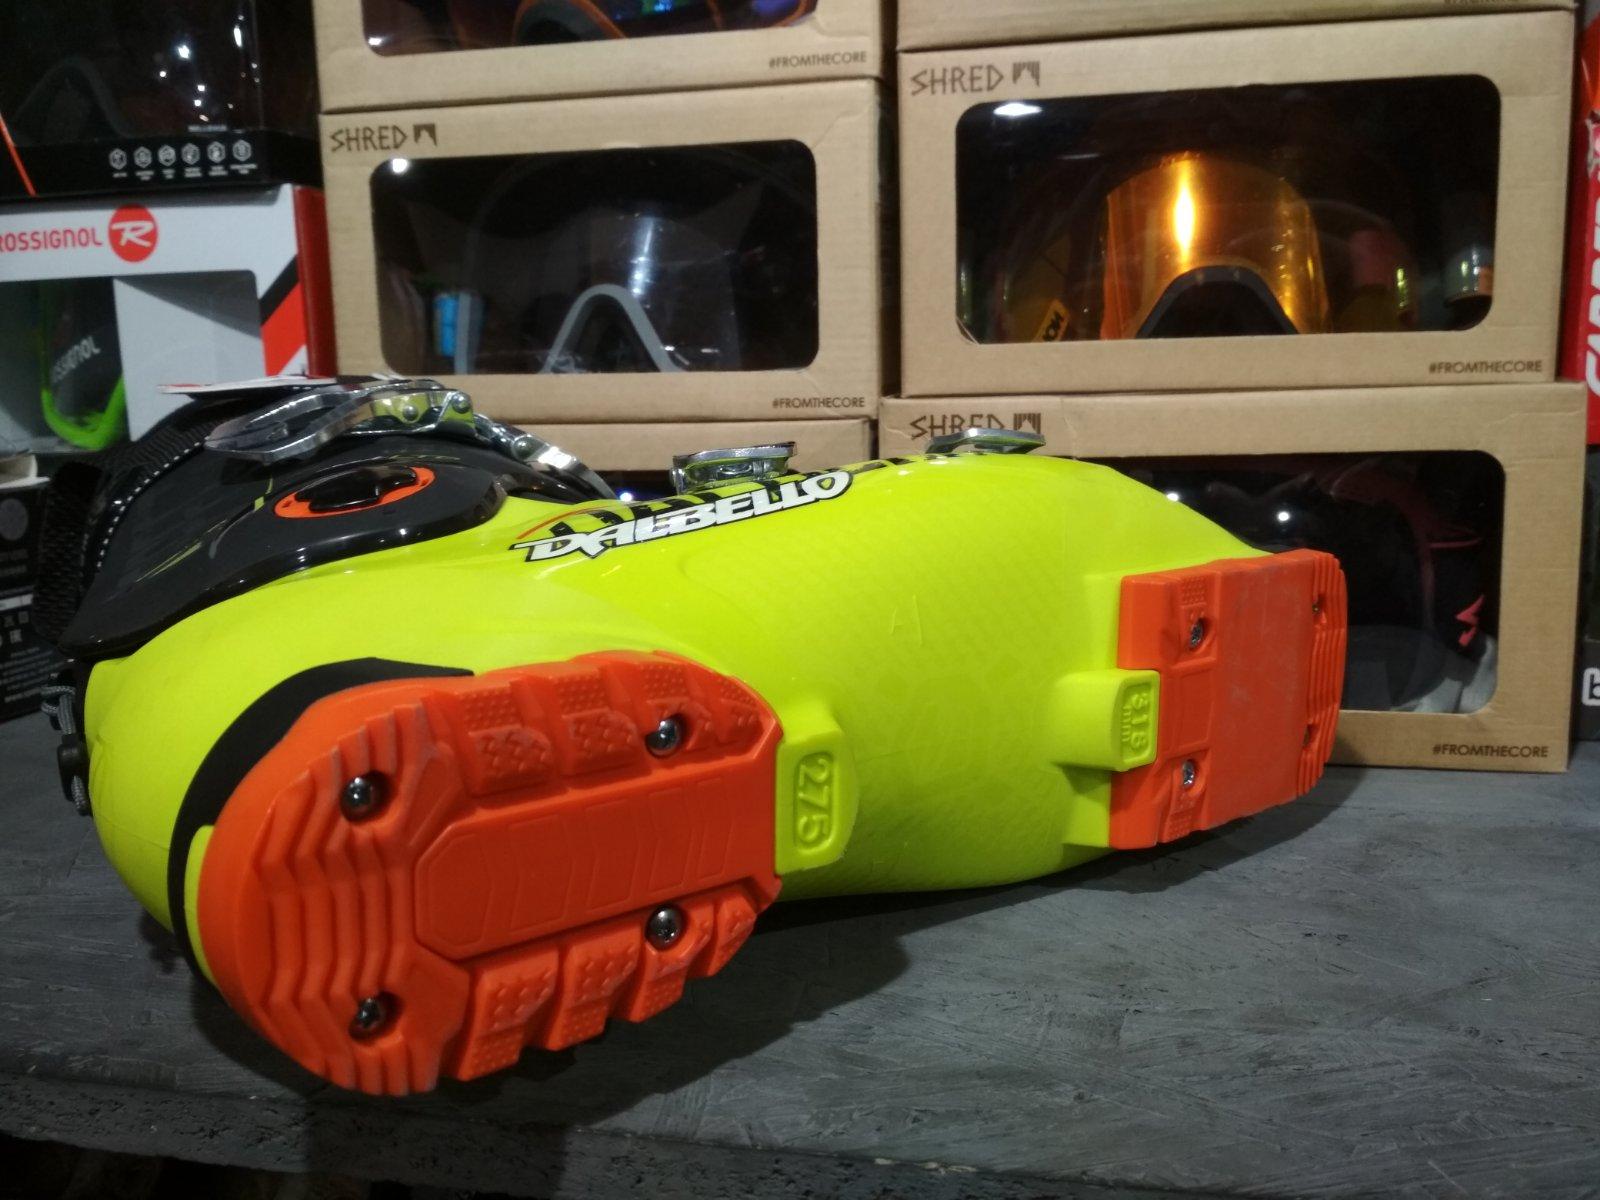 Горнолыжные ботинки Dalbello Aspect LTD 80